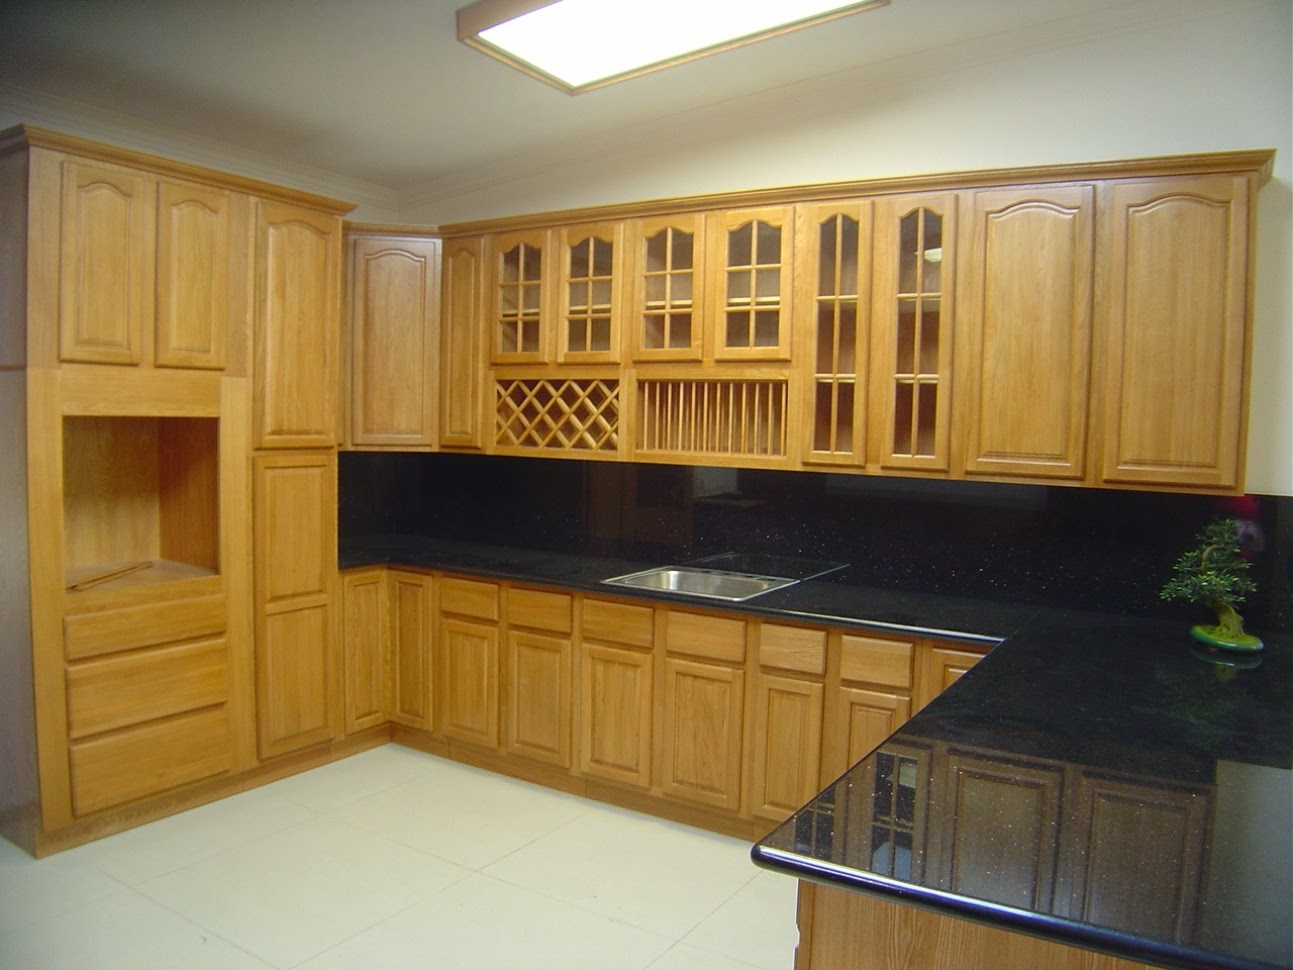 interior design kitchen design ideas - Kitchen Interior Design Ideas